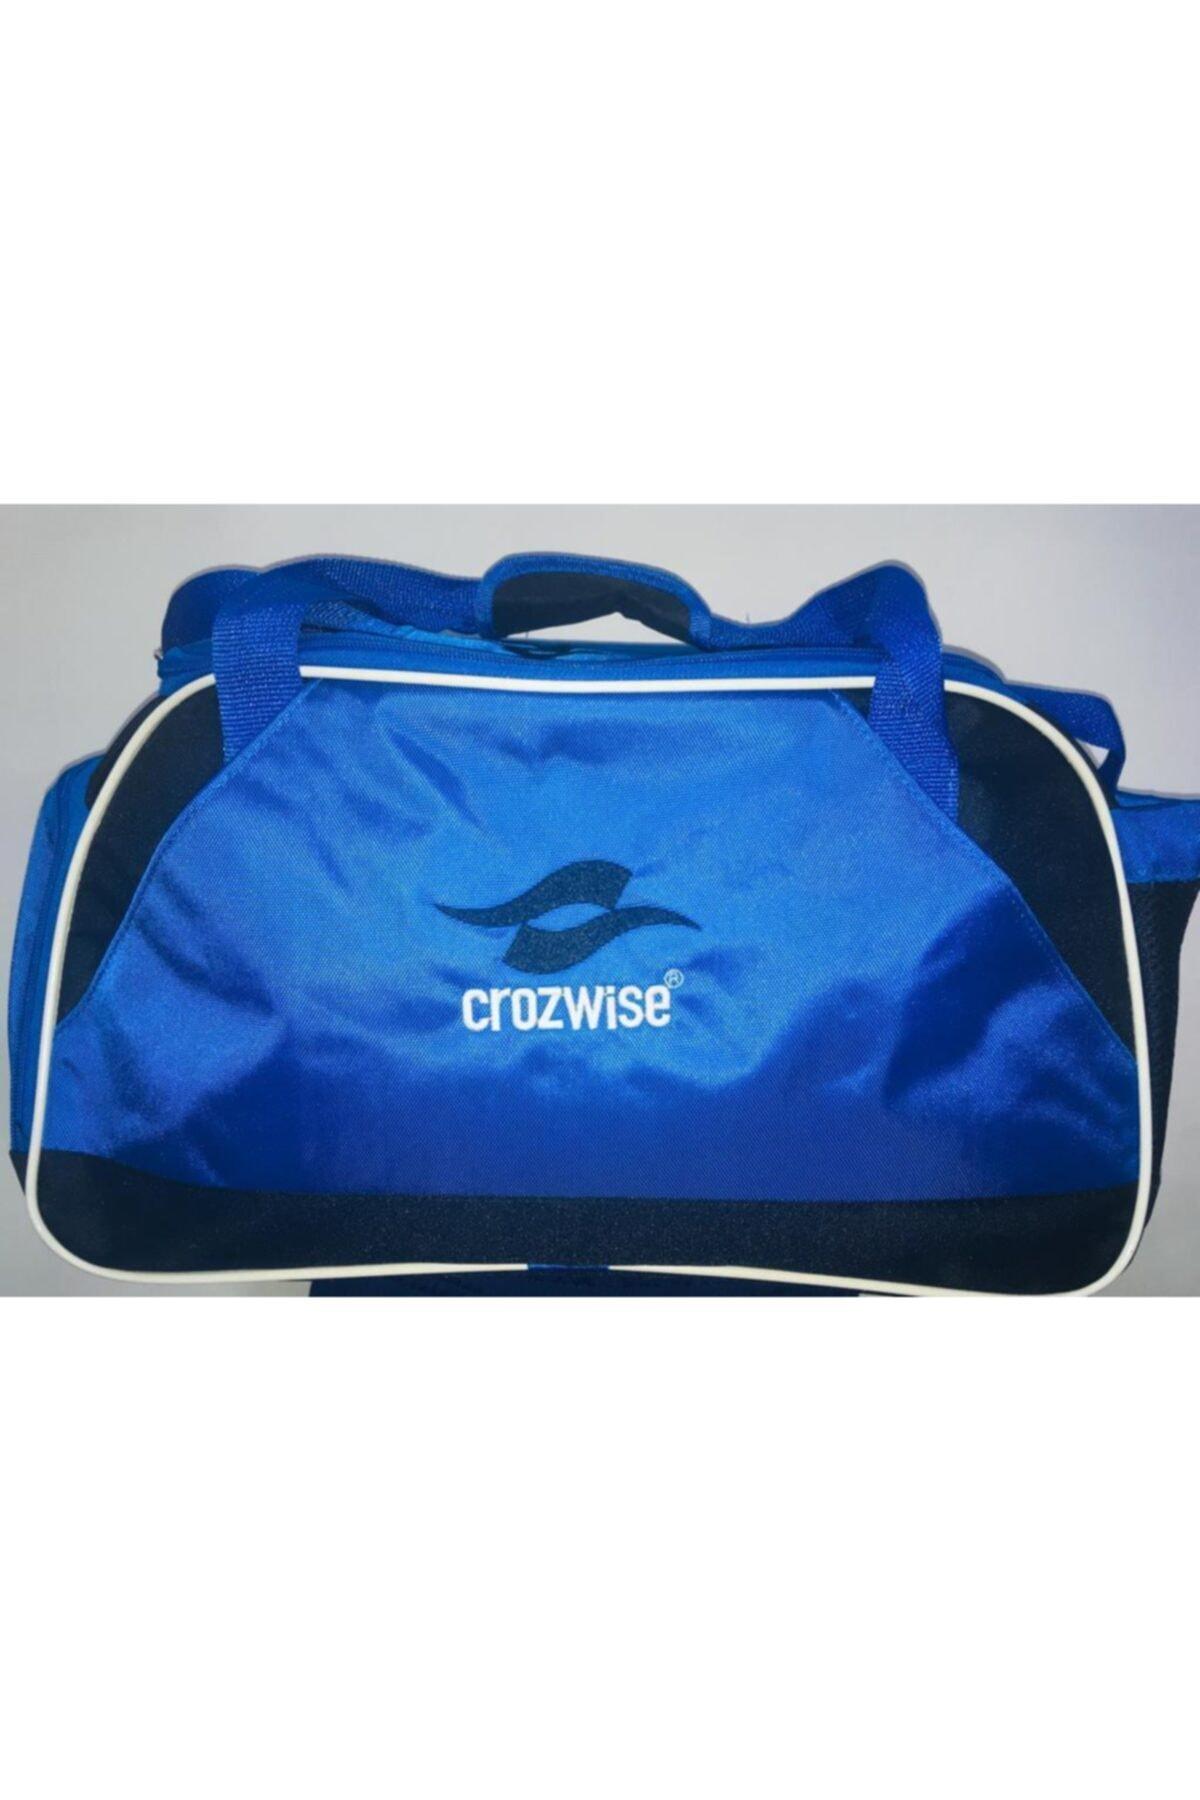 Crozwise Crozwıse Crw-01 Spor Çantası 1